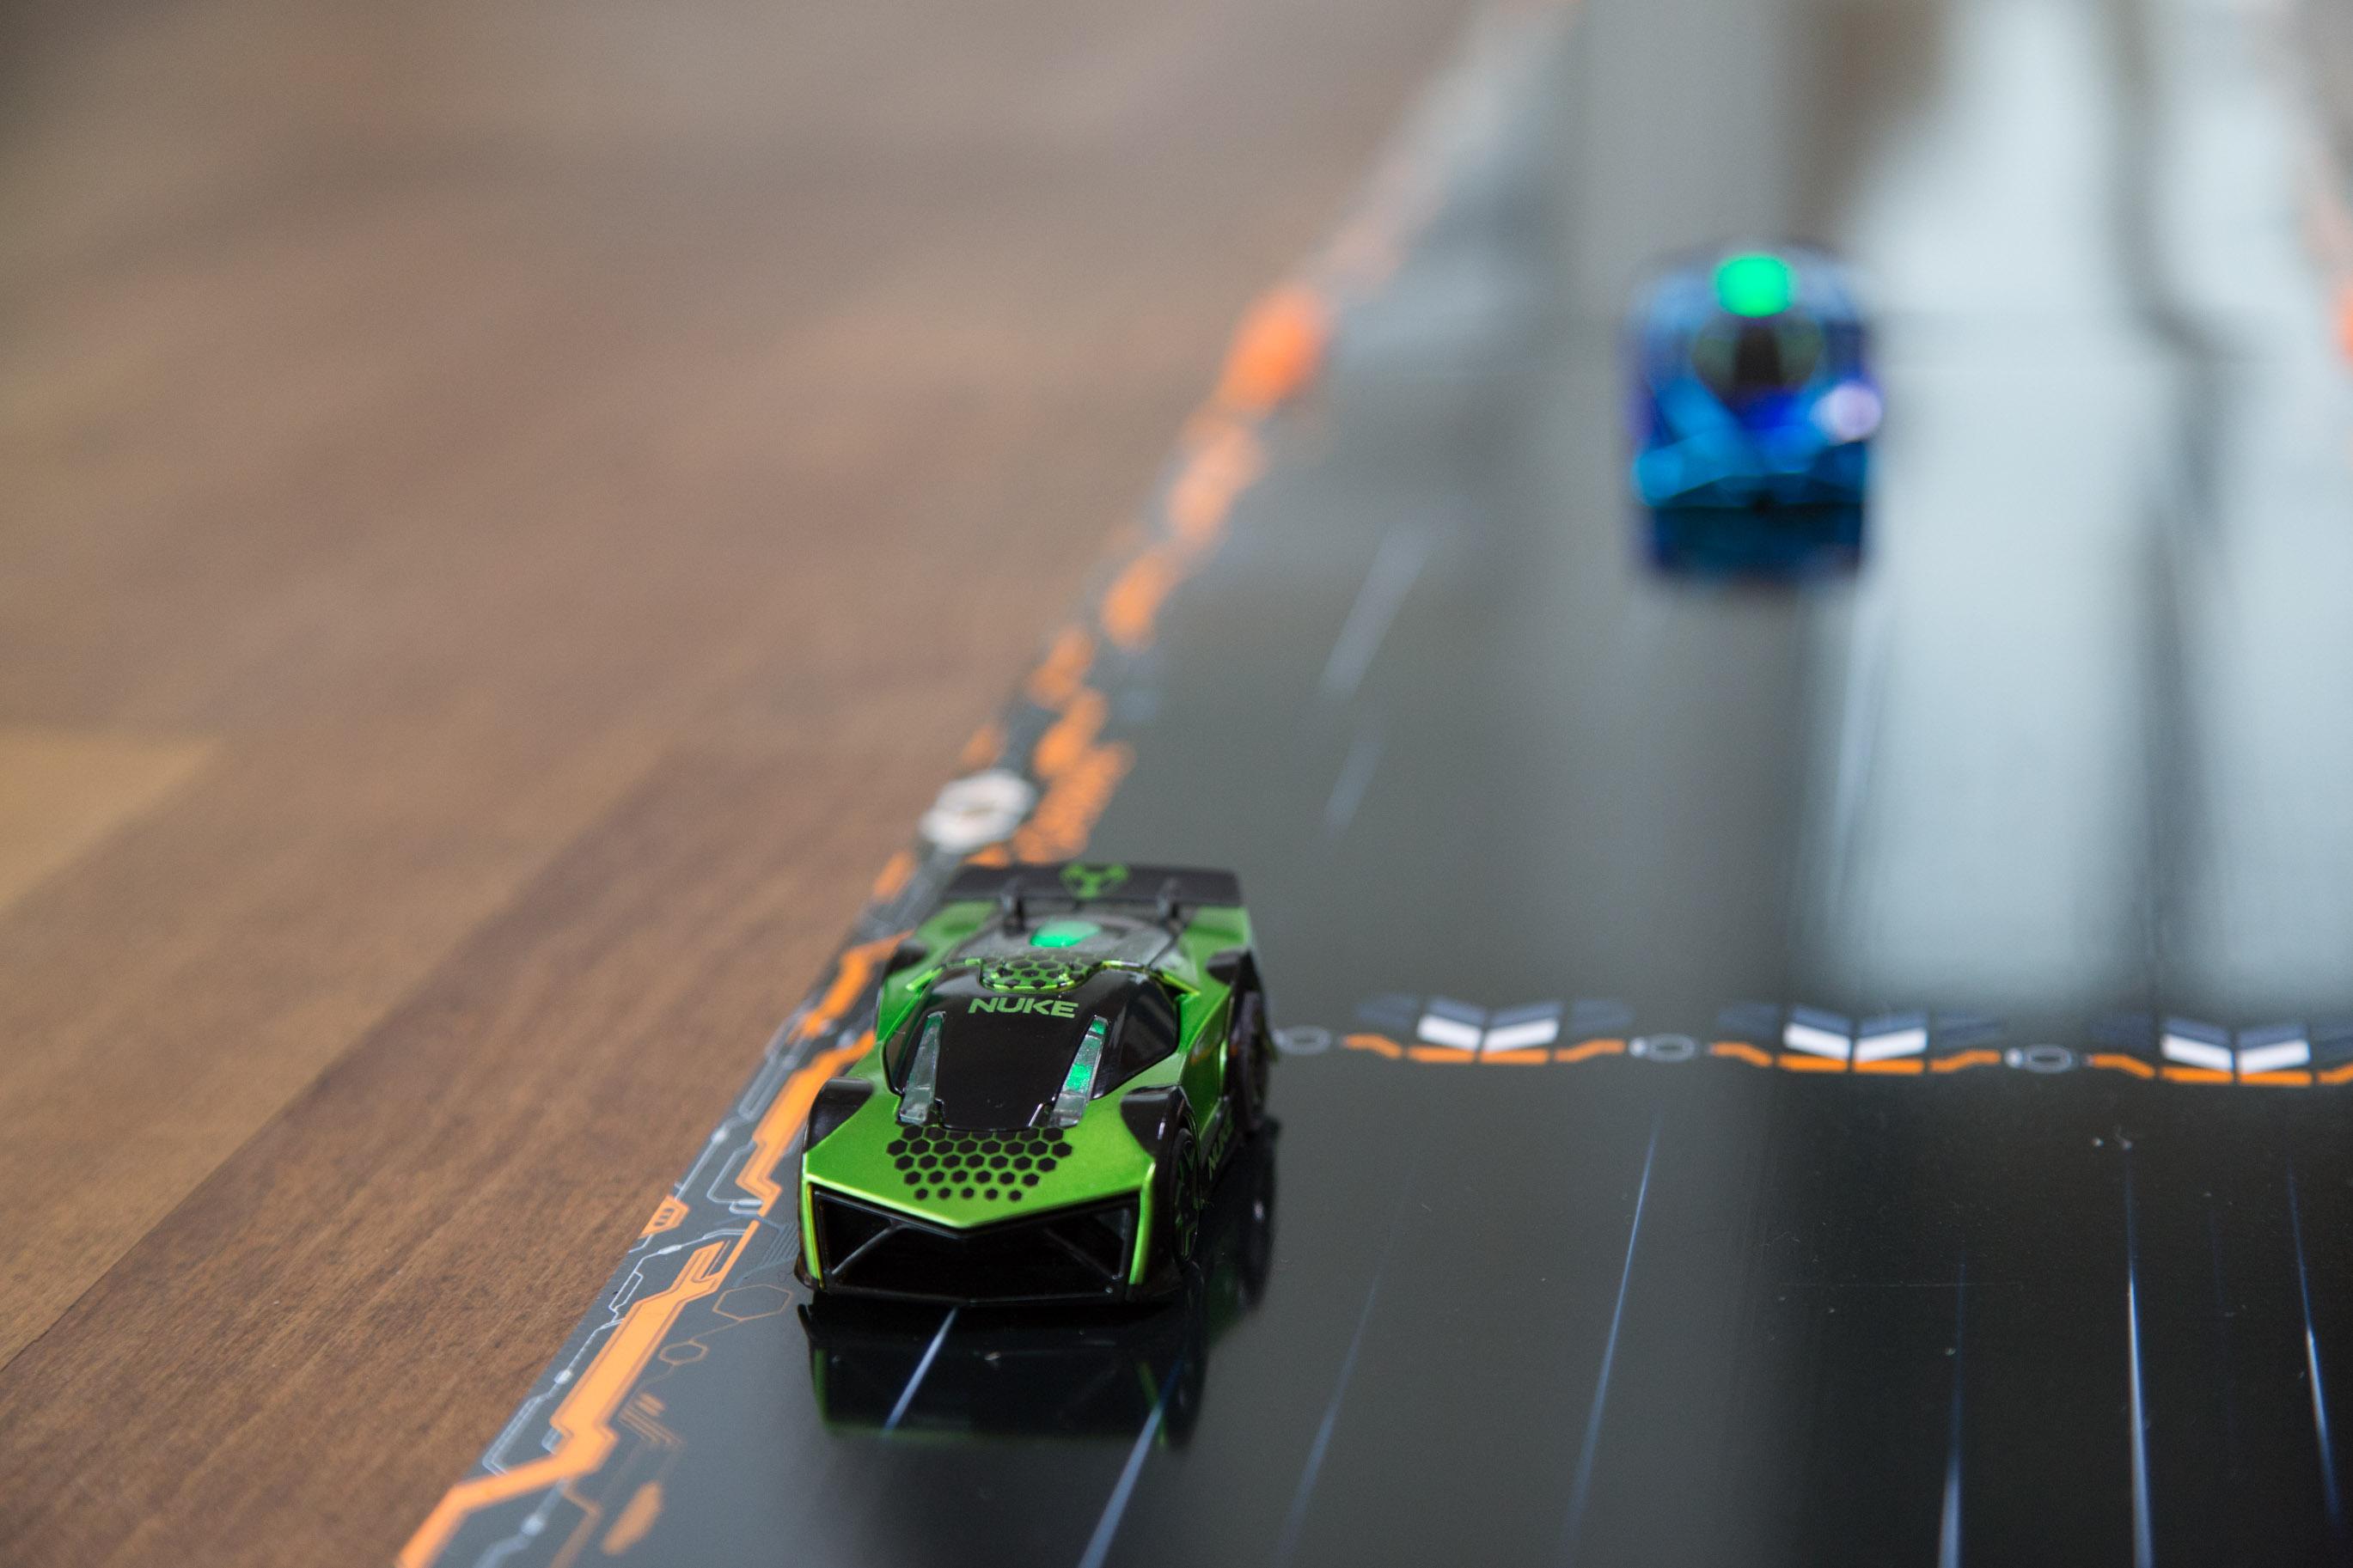 Test Anki Overdrive: Mit schnellen Schüssen um die Kurve - Die Fahrzeuge halten ihre Spuren auch ohne dass der Fahrer eingreift. (Foto: Martin Wolf/Golem.de)